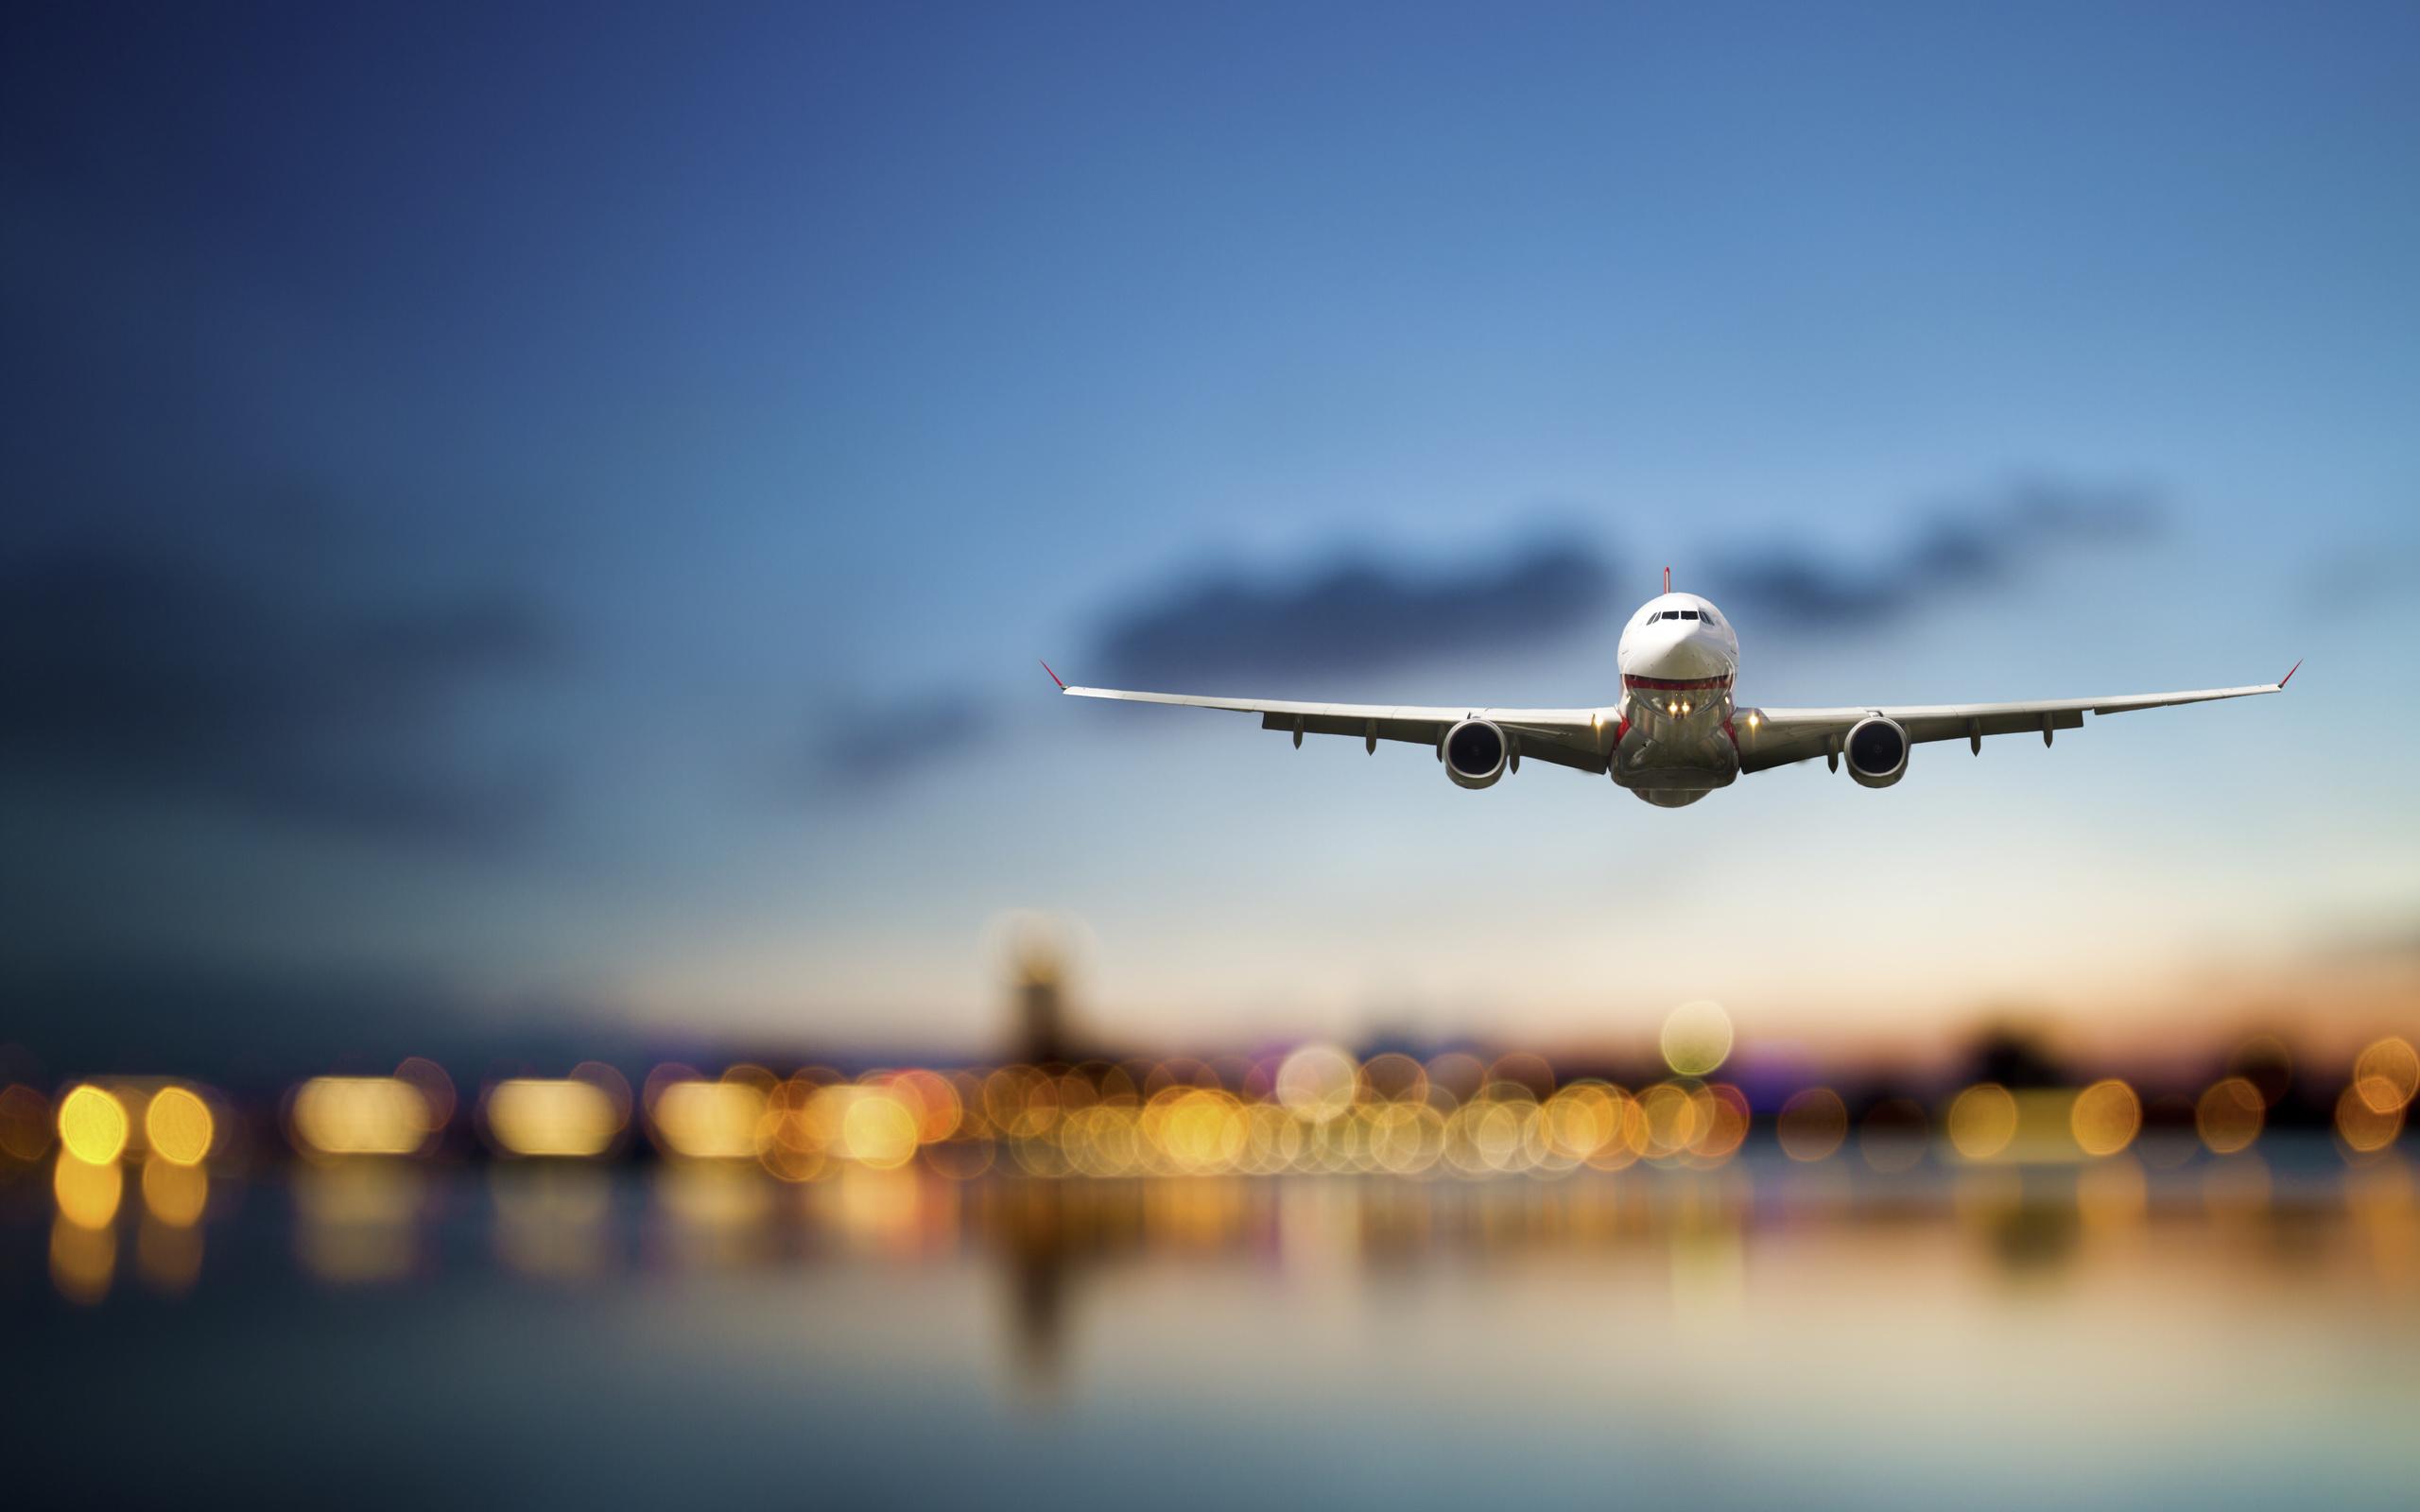 Картинка самолет в небе летит